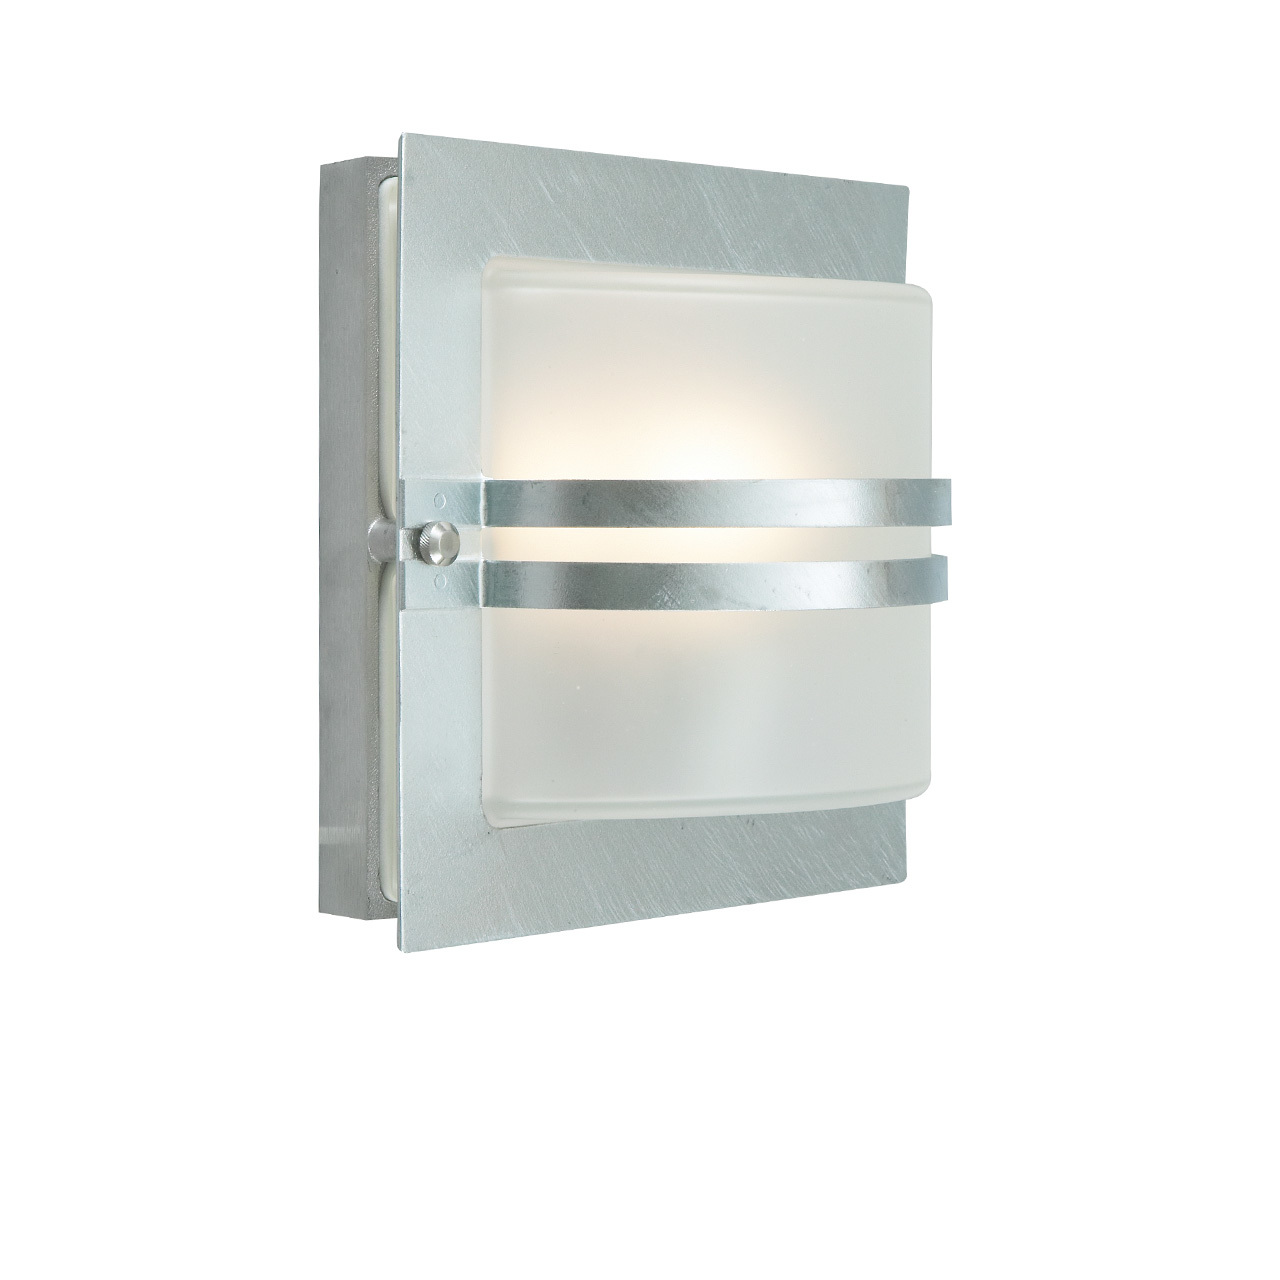 Lampa ścienna BERN LED 657GA -Norlys  SPRAWDŹ RABATY  5-10-15-20 % w koszyku